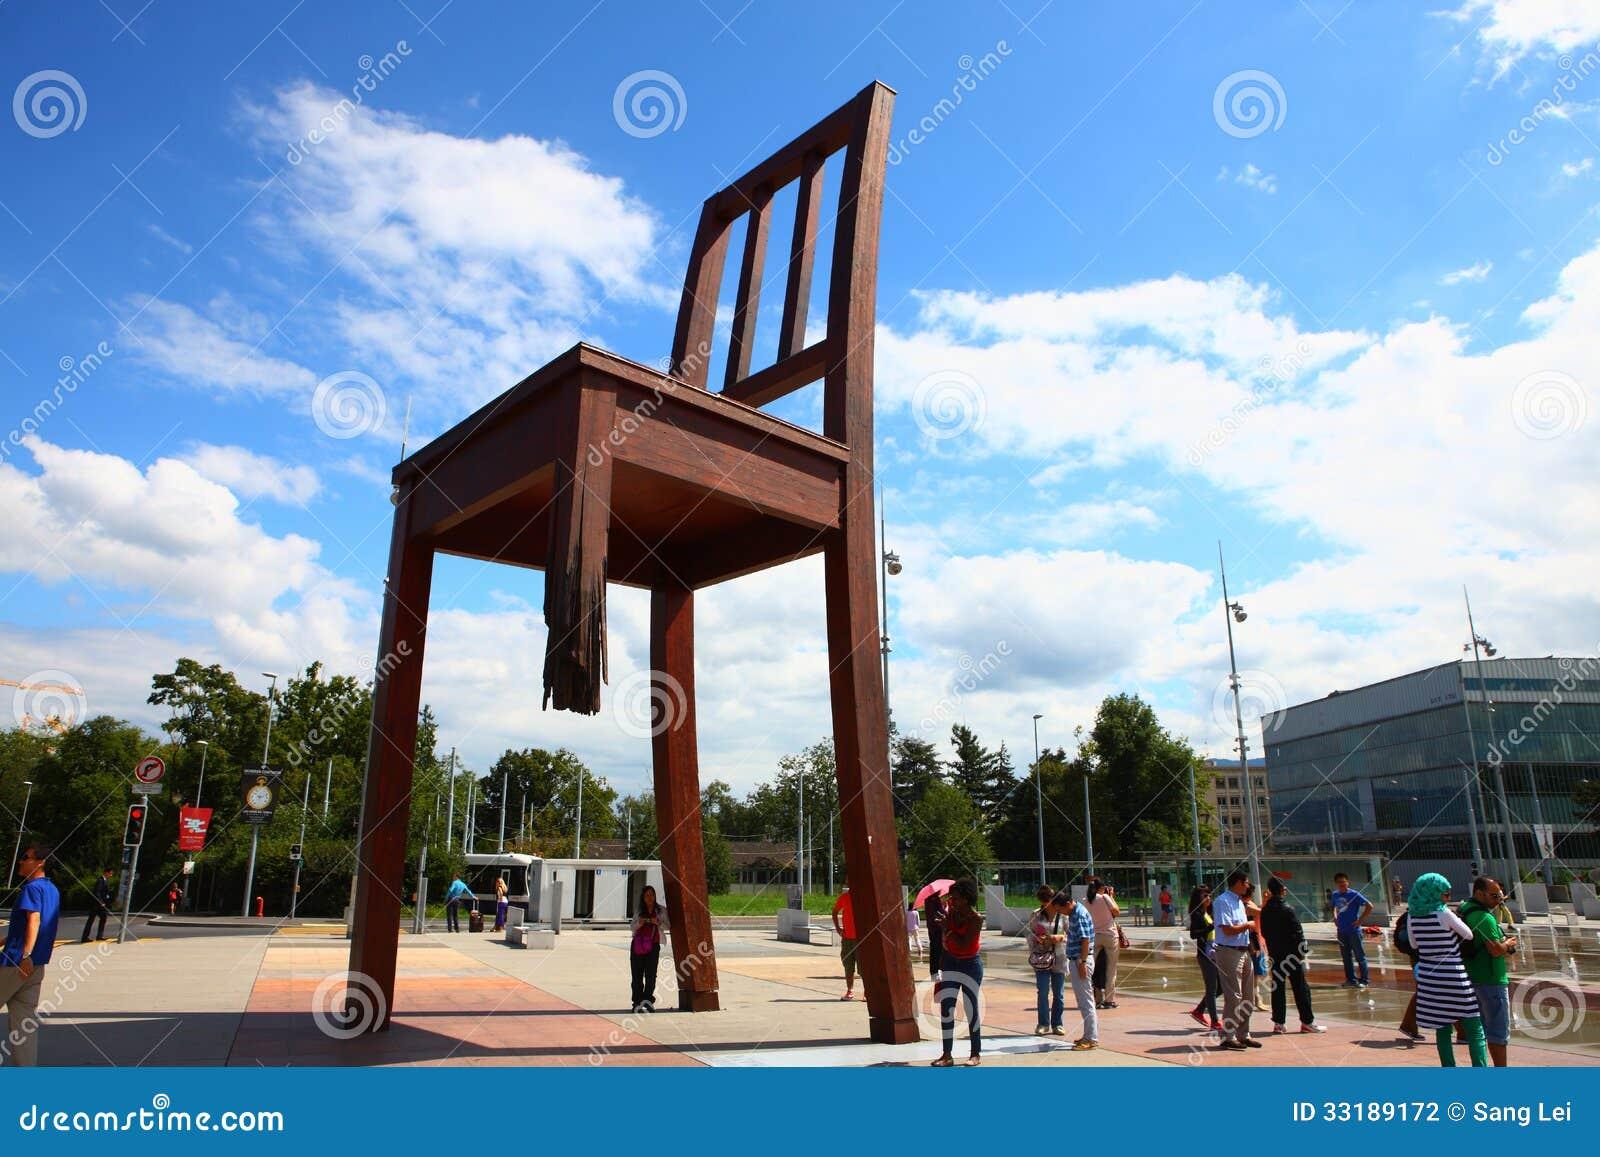 sedia rotta a geneve fotografia editoriale immagine di